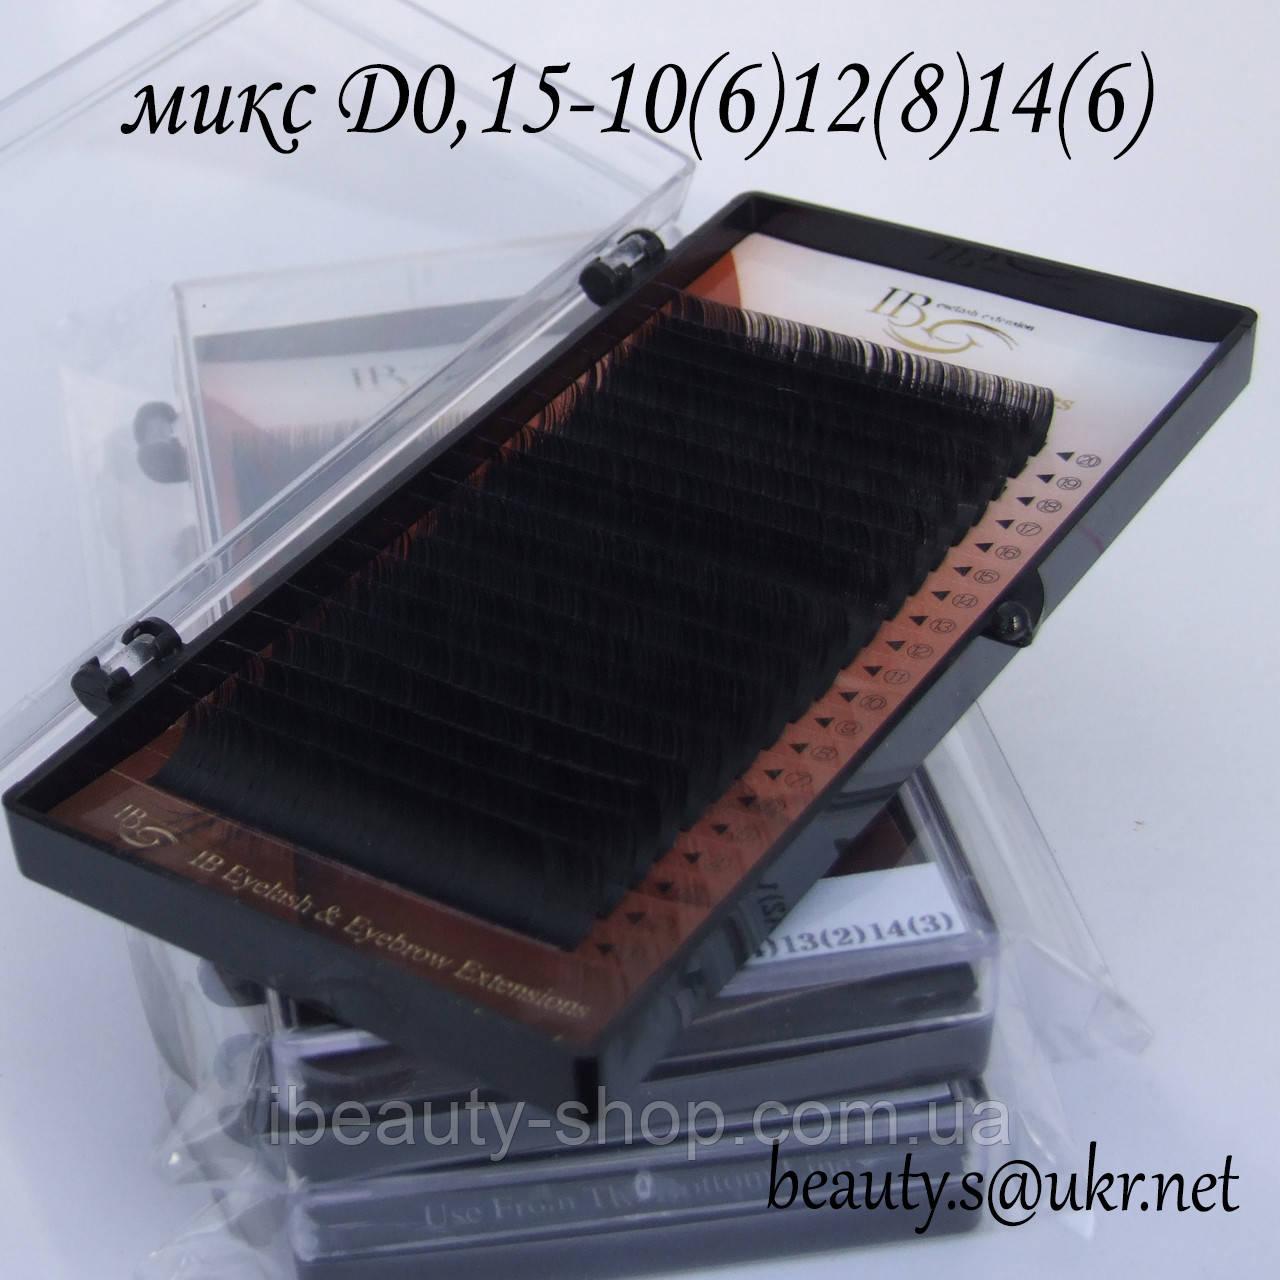 Ресницы I-Beauty микс D-0,15 10-12-14мм